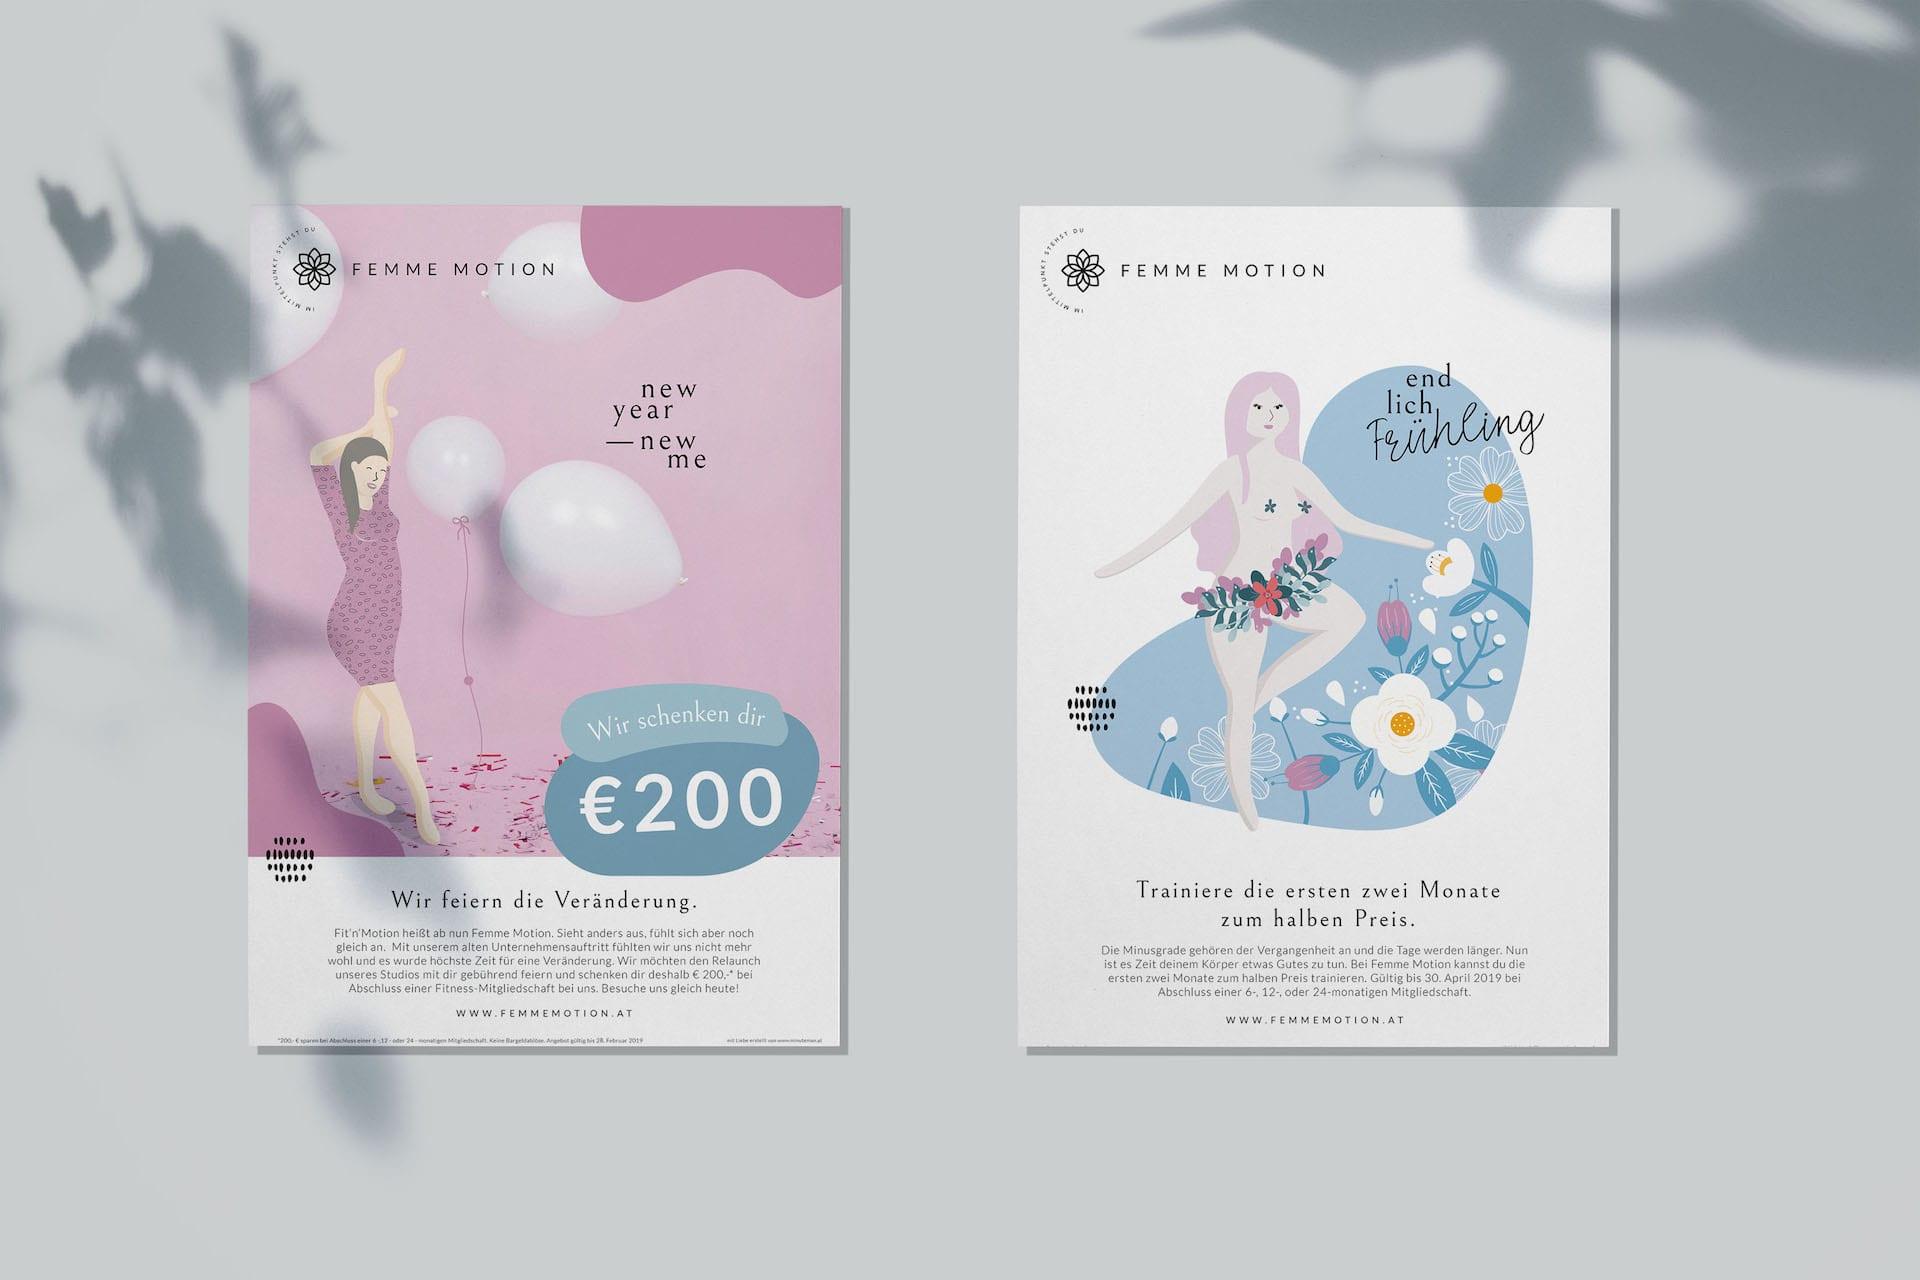 Femme Motion Fitnessstudio Villach - Design für die Poster im Studio mit Aktionen